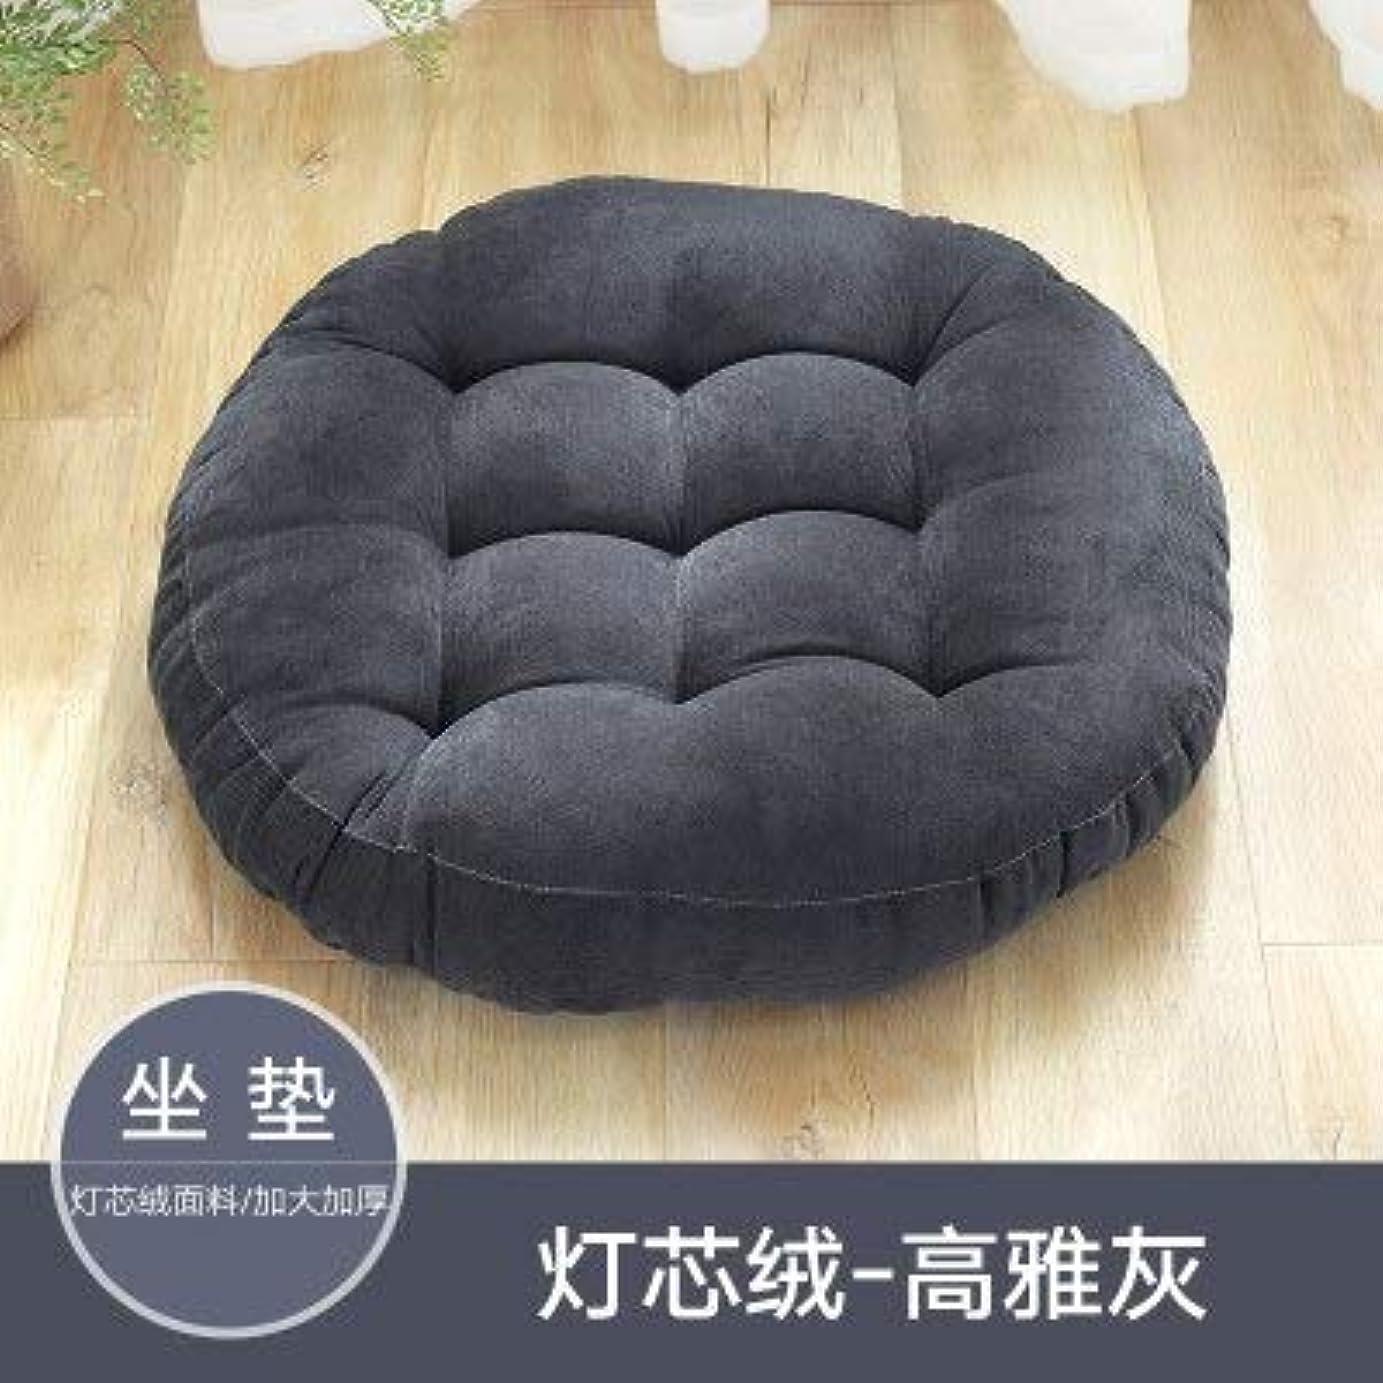 キリマンジャロ遺伝子命令LIFE ラウンド厚い椅子のクッションフロアマットレスシートパッドソフトホームオフィスチェアクッションマットソフトスロー枕最高品質の床クッション クッション 椅子